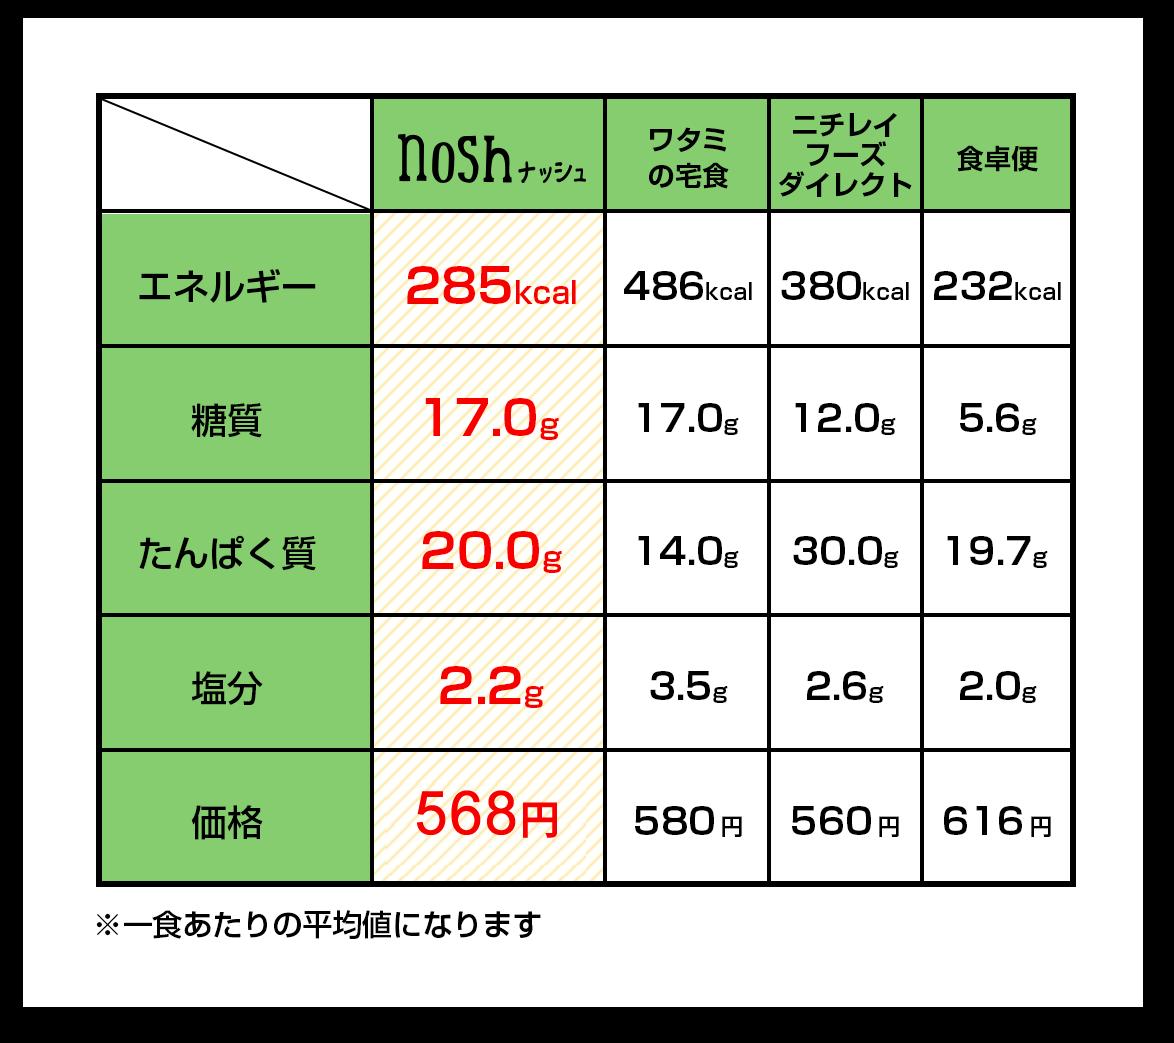 表:他社の宅配サービスとの比較表